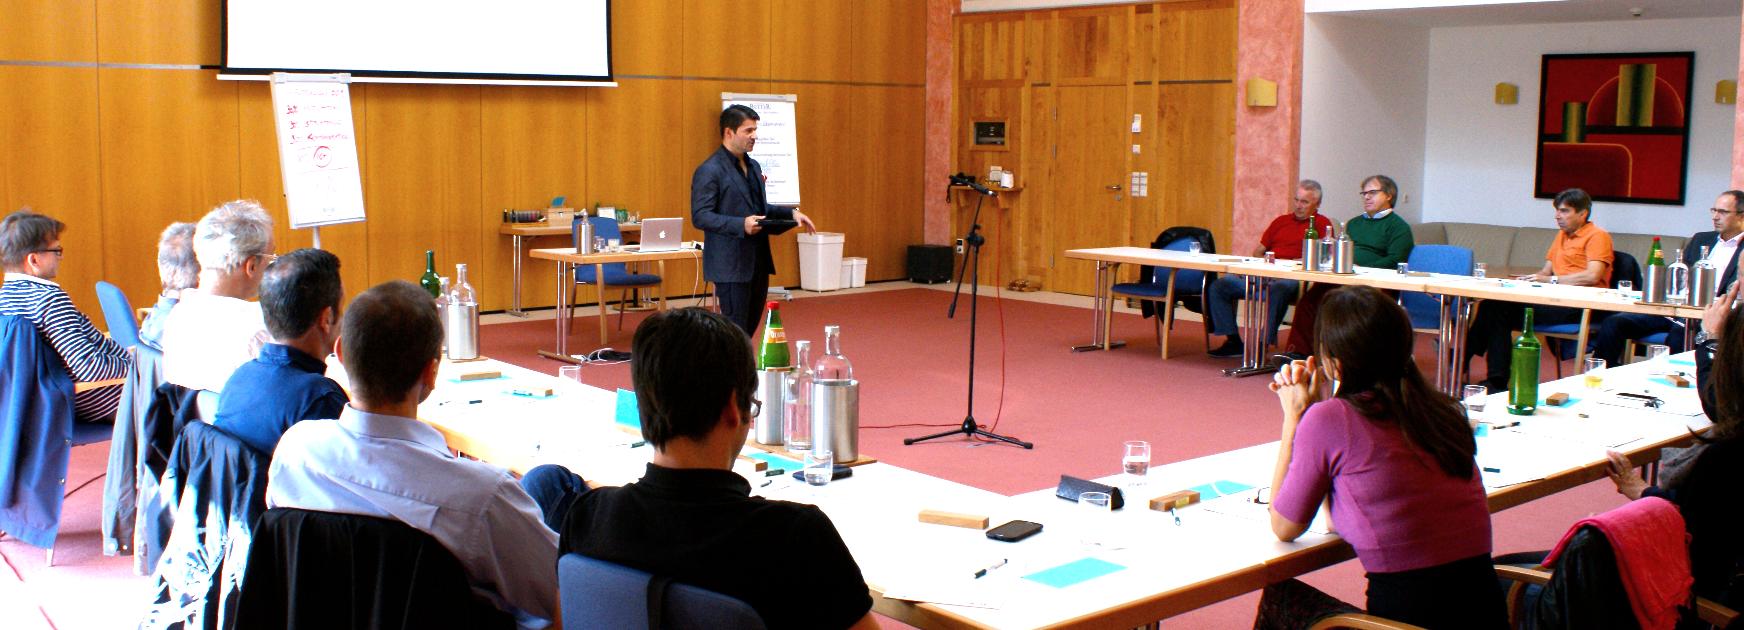 BB_Seminar_WIENSÜD_2014_edited